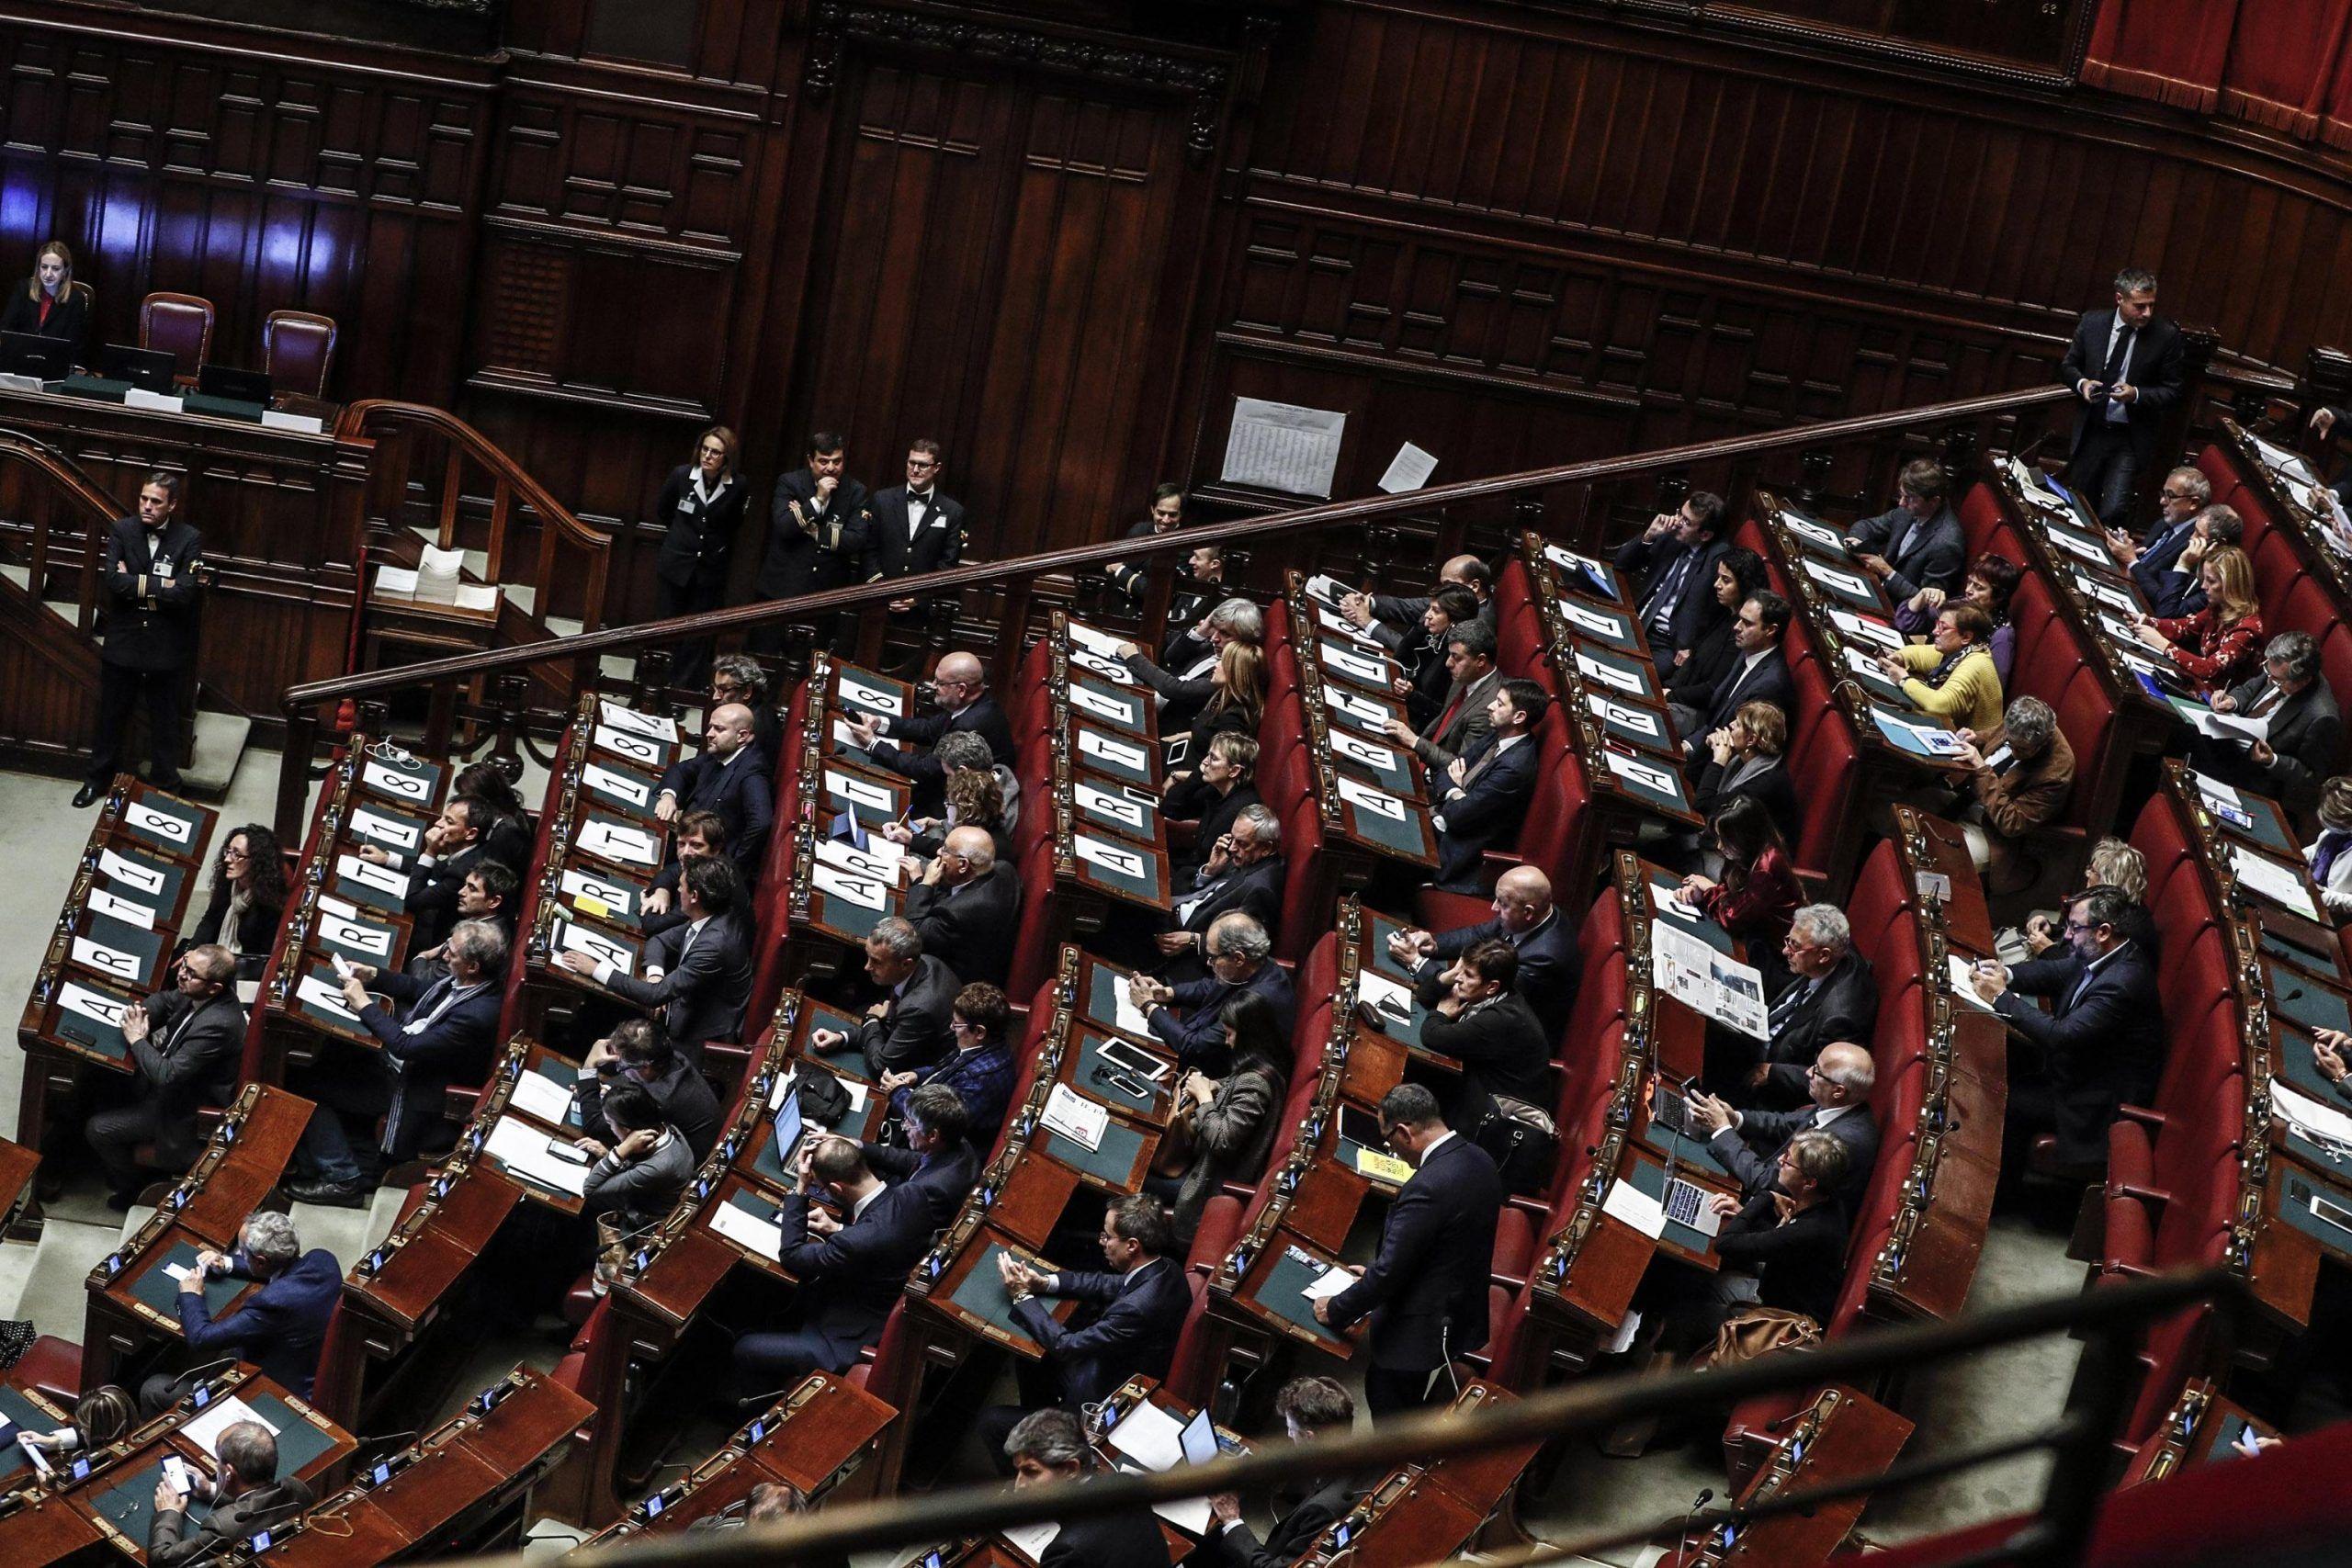 Stipendi d'oro: i dipendenti di Camera e Senato torneranno a guadagnare più del presidente della Repubblica